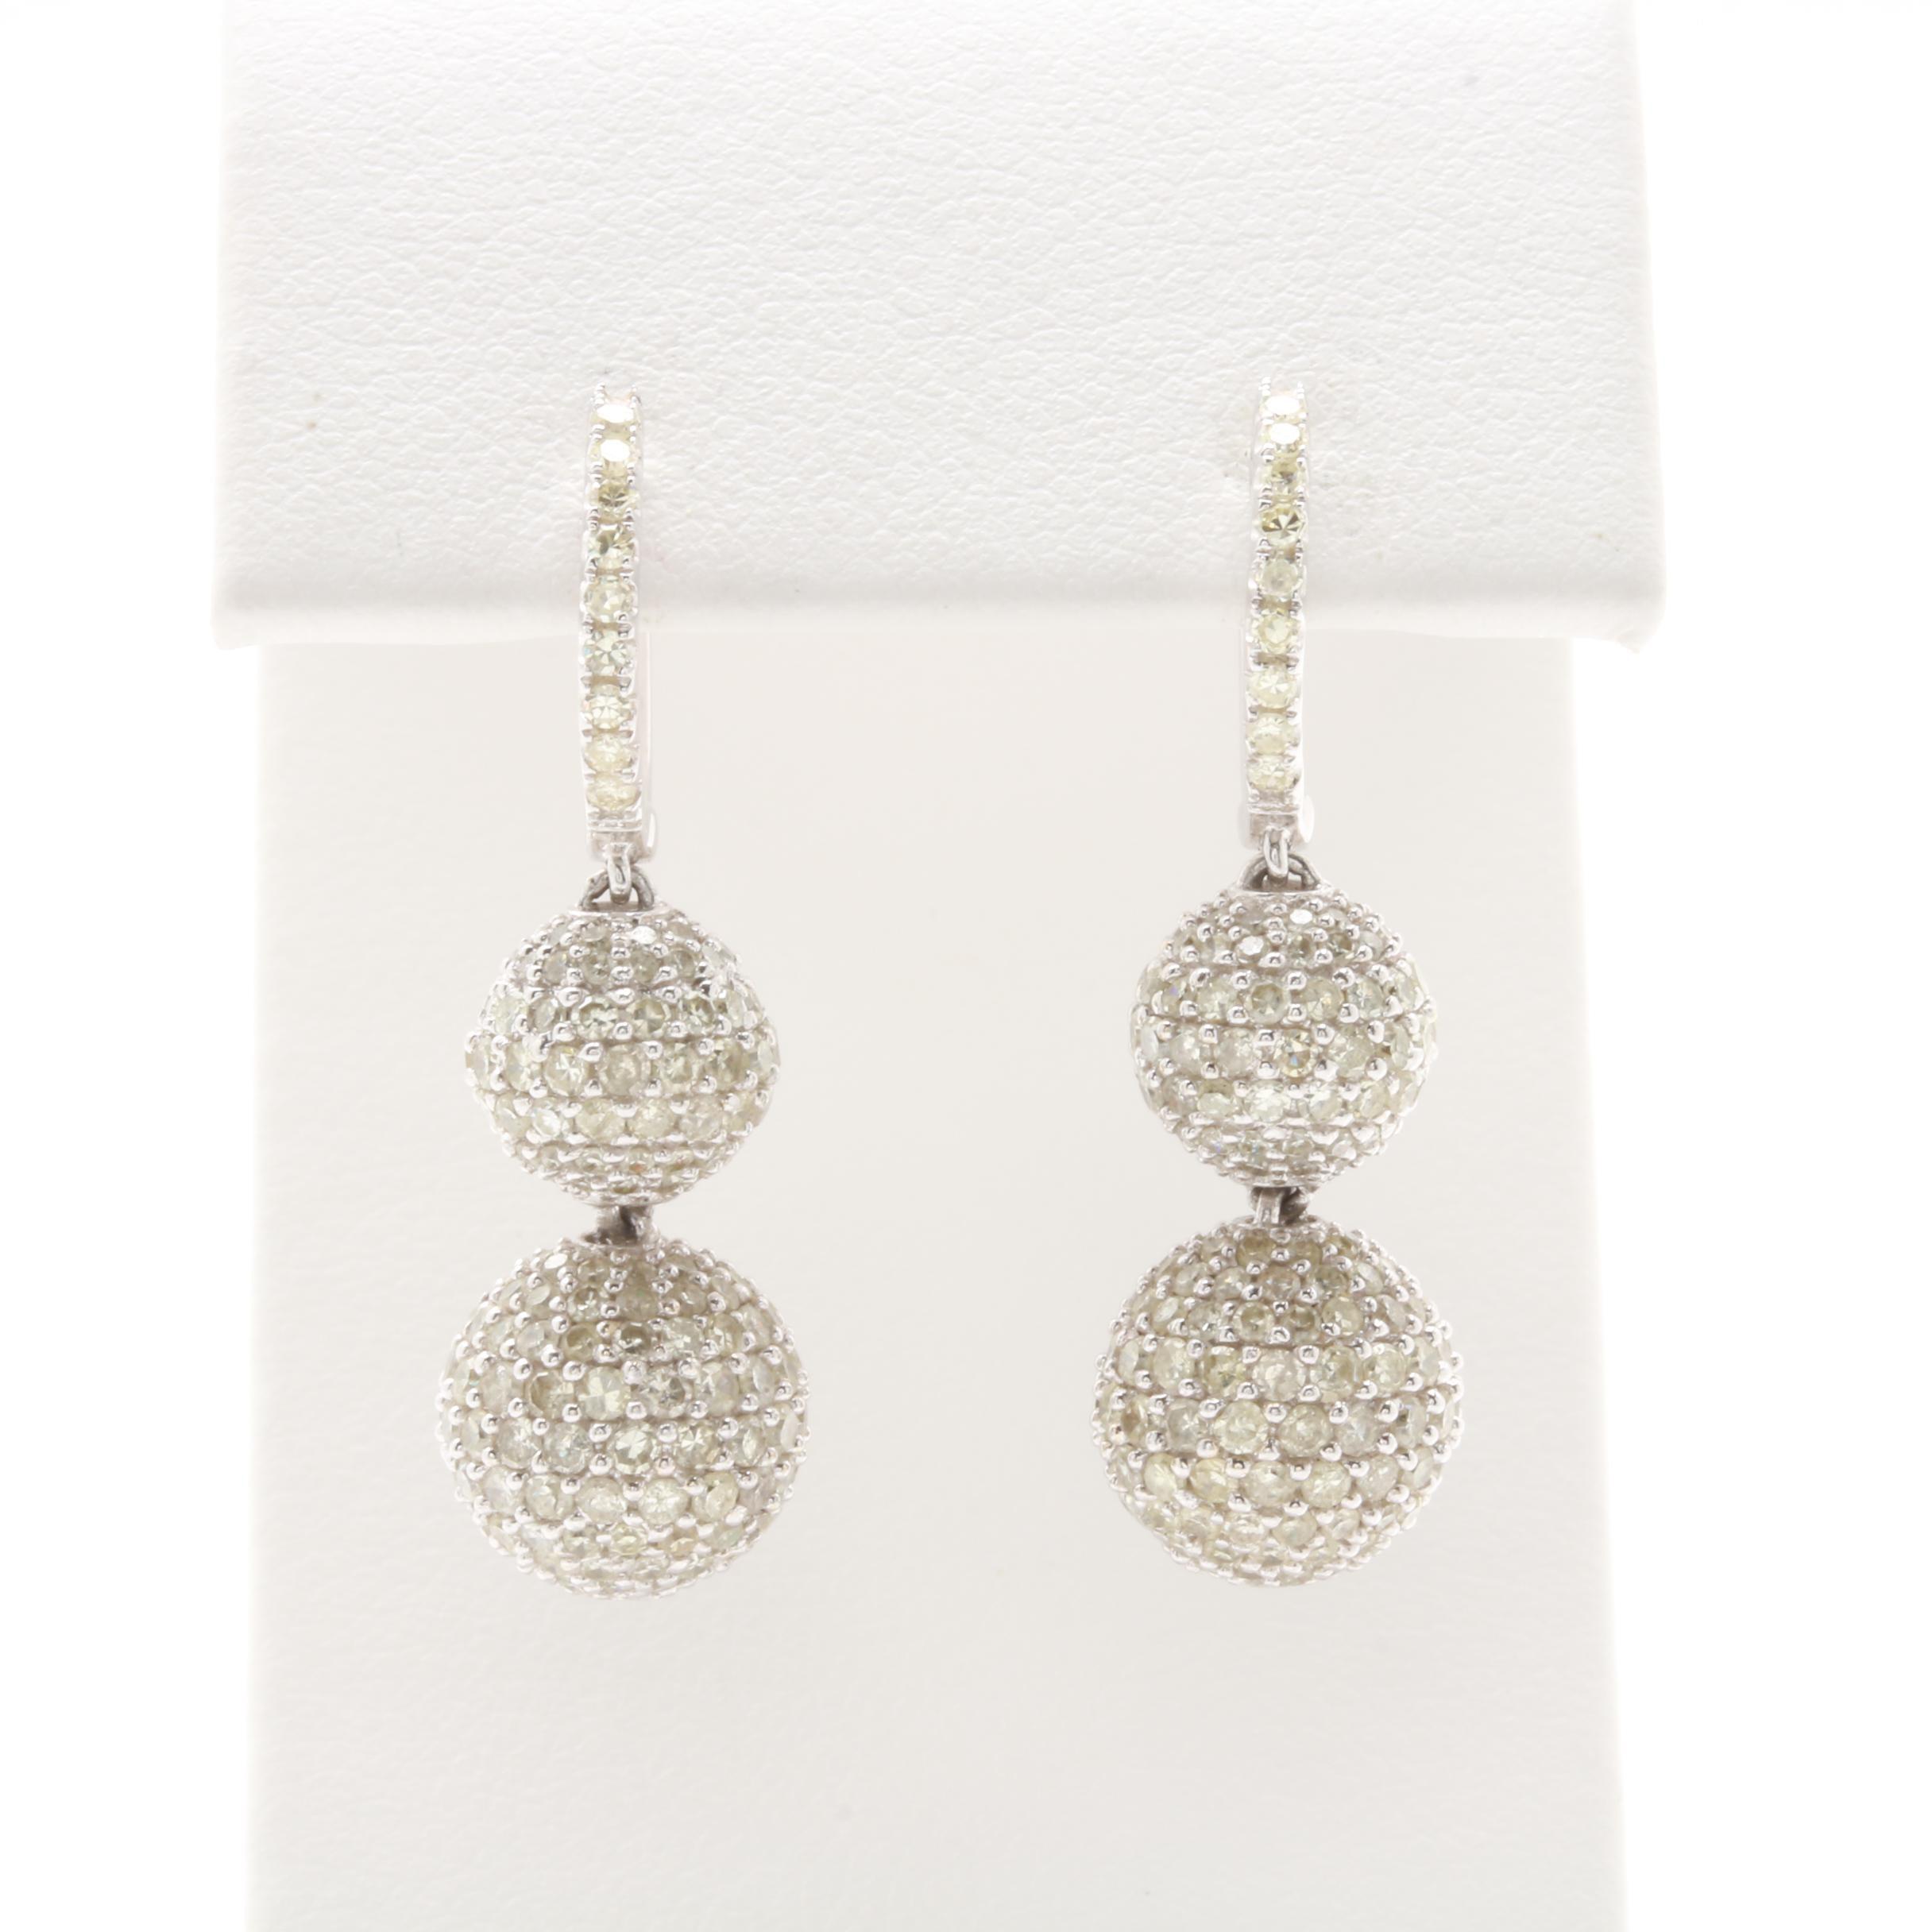 14K White Gold 3.10 CTW Diamond Dangle Earrings